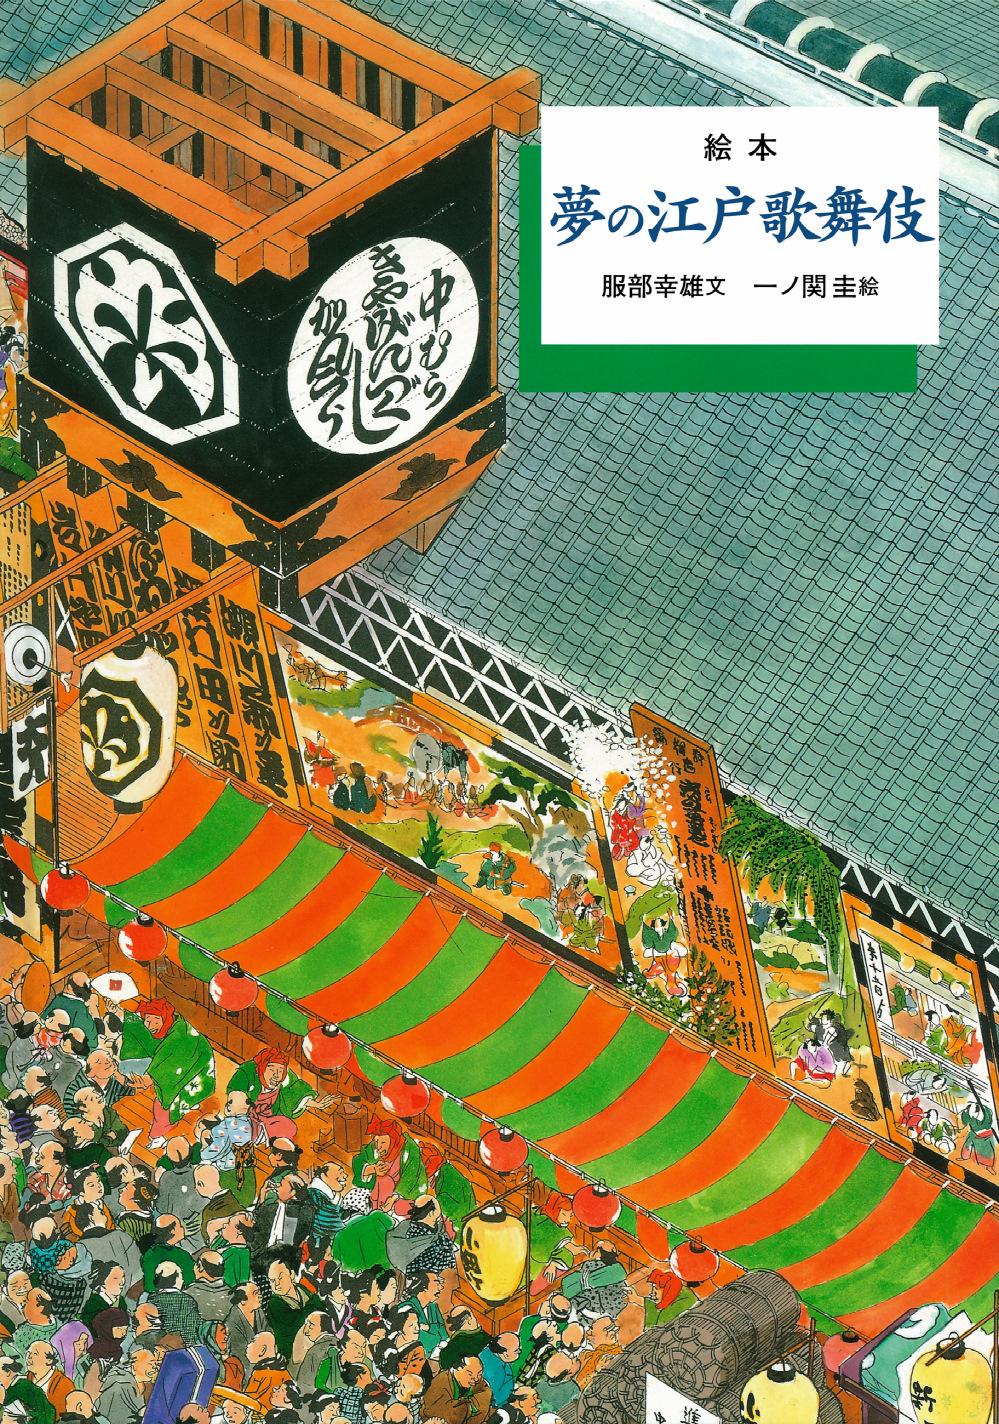 絵本『夢の江戸歌舞伎』原画展示と著者サイン本限定販売